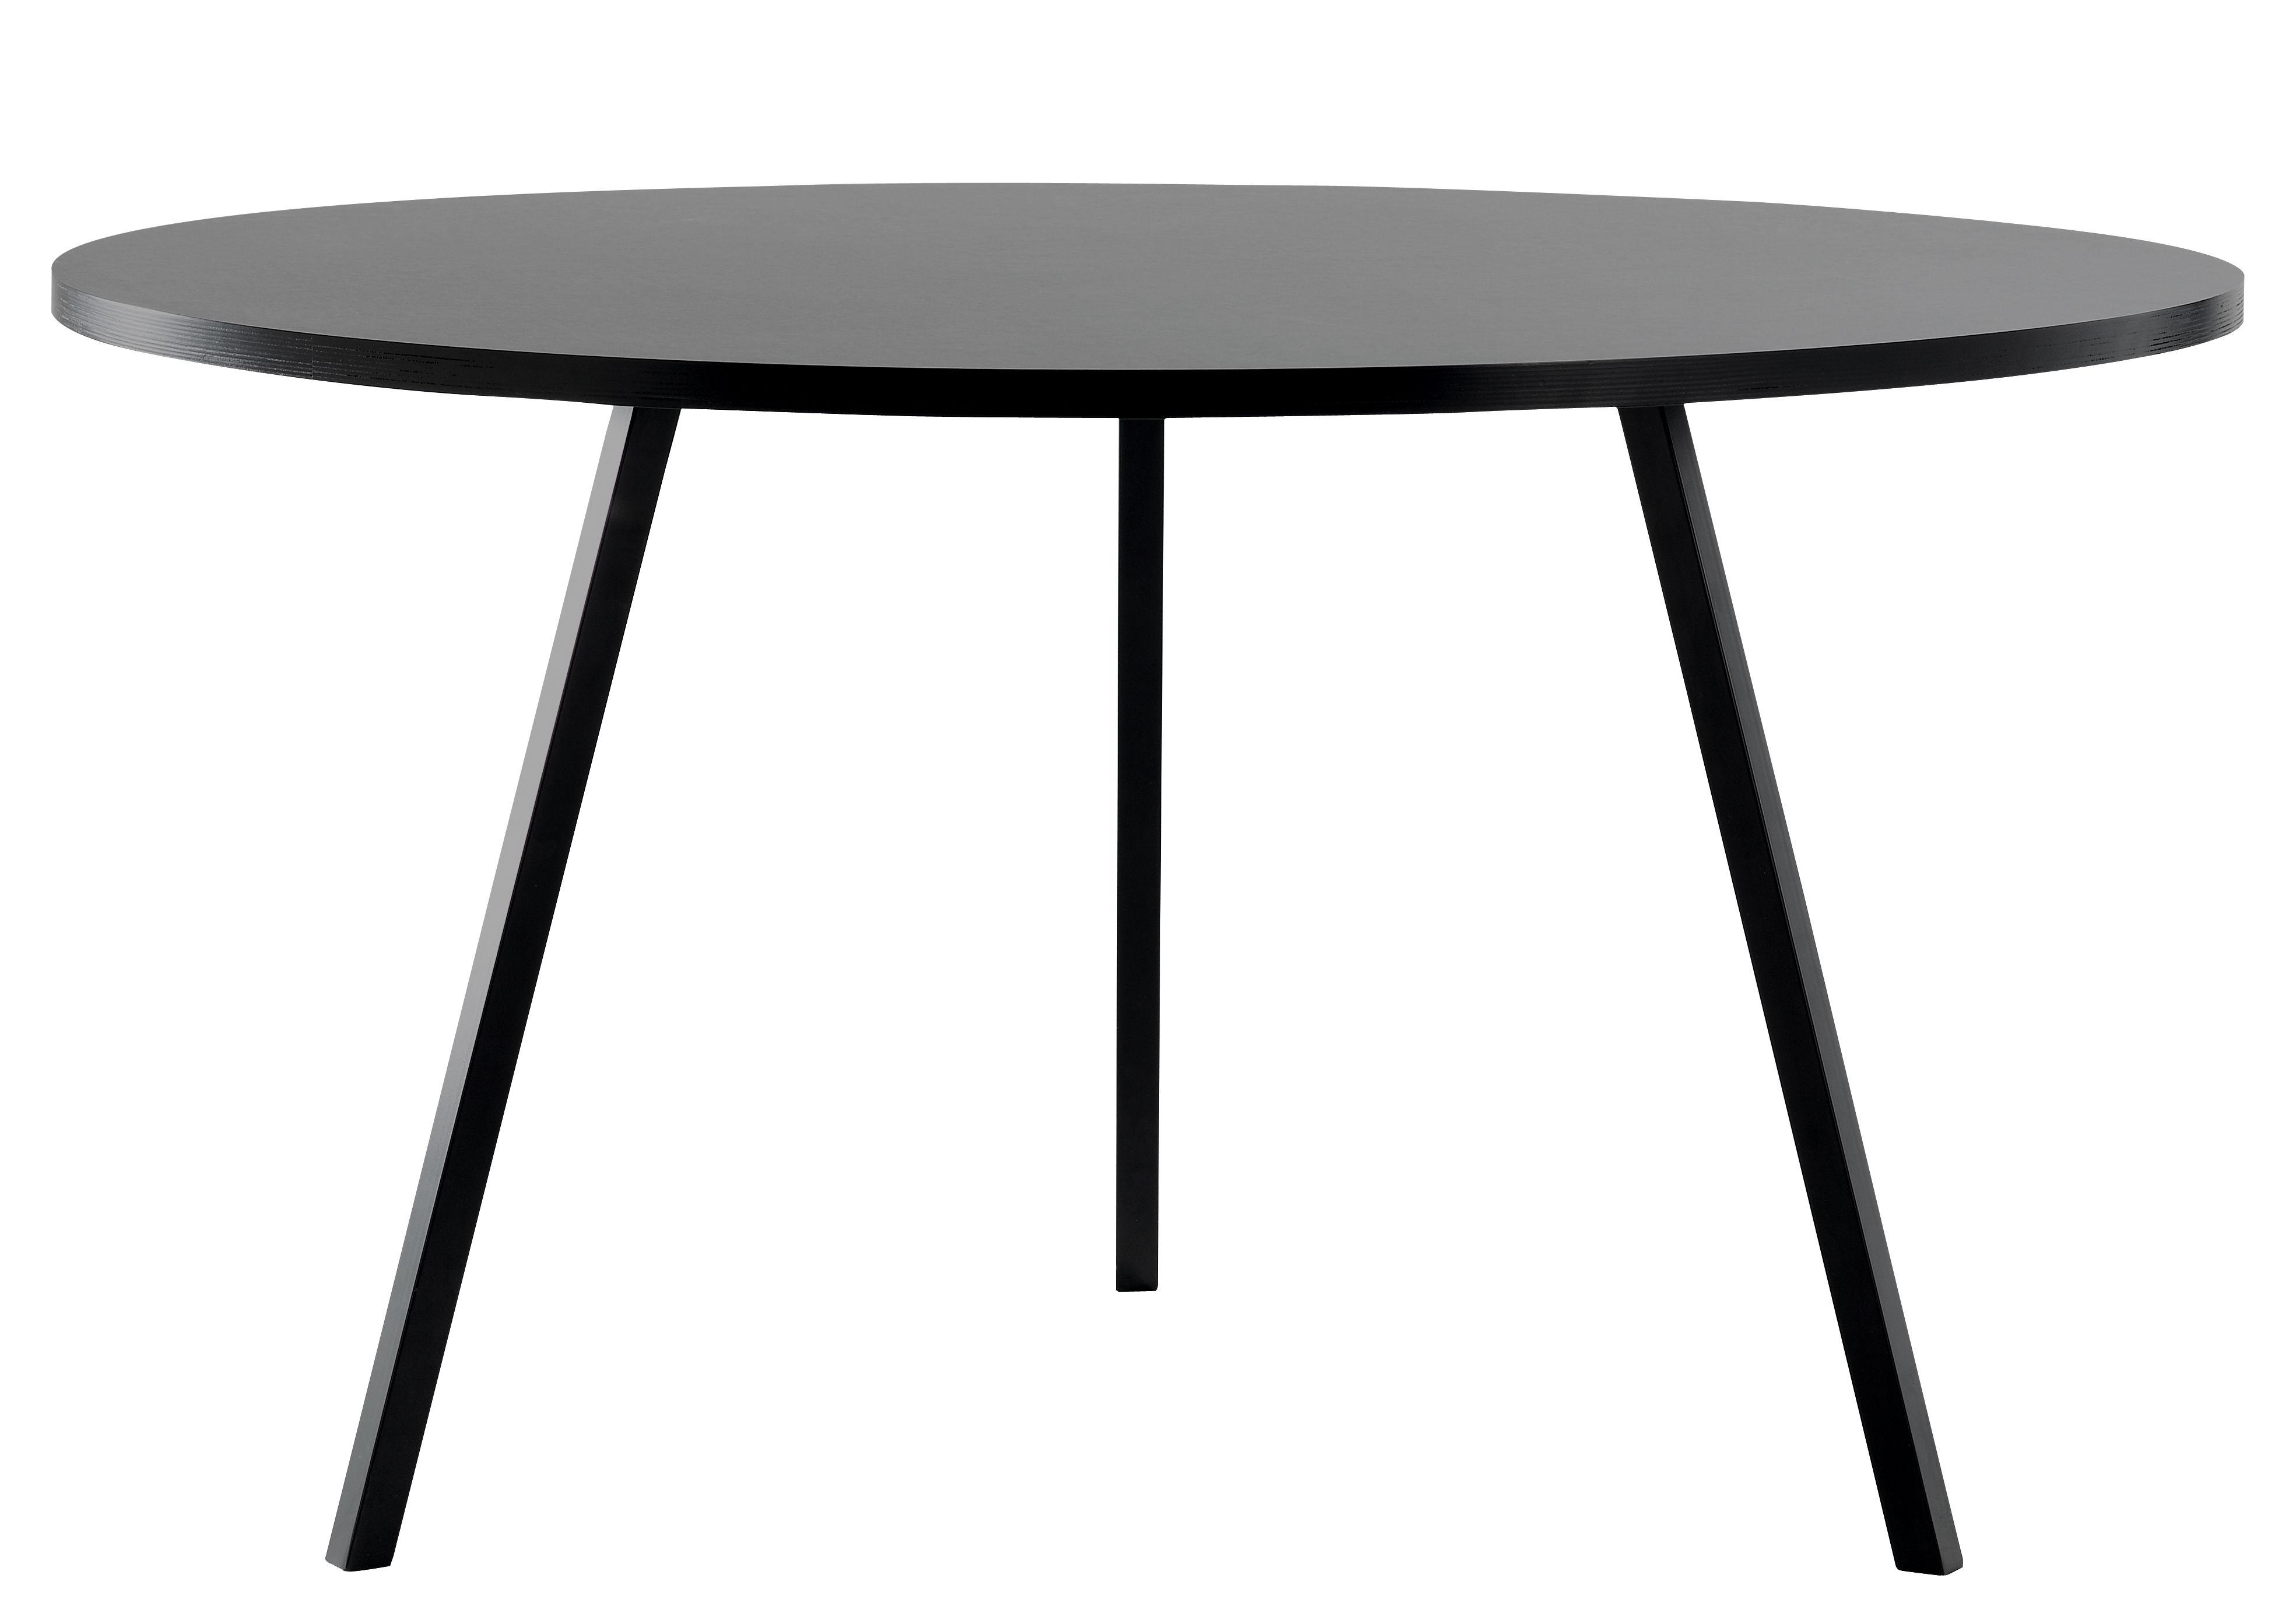 Tendances - Espace Repas - Table Loop / Ø 120 cm - Hay - Noir - Acier laqué